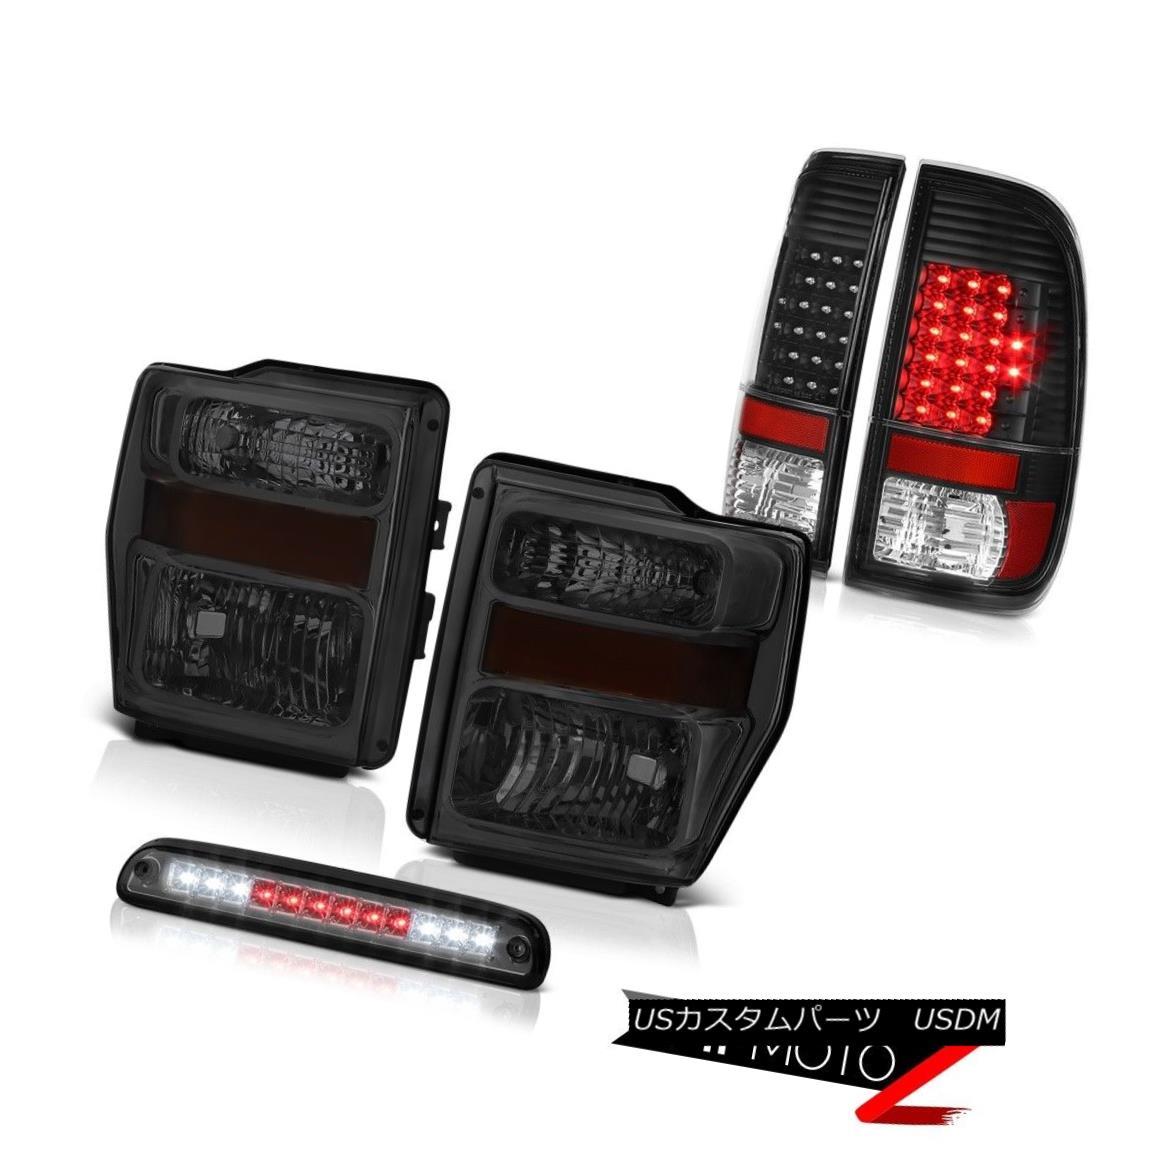 ヘッドライト 08 09 10 F250 XL Crystal Smoke Headlights L.E.D Rear Tail Lights Tinted 3rd LED 08 09 10 F250 XLクリスタルスモークヘッドライトL.E.DリアテールライトTinted 3rd LED